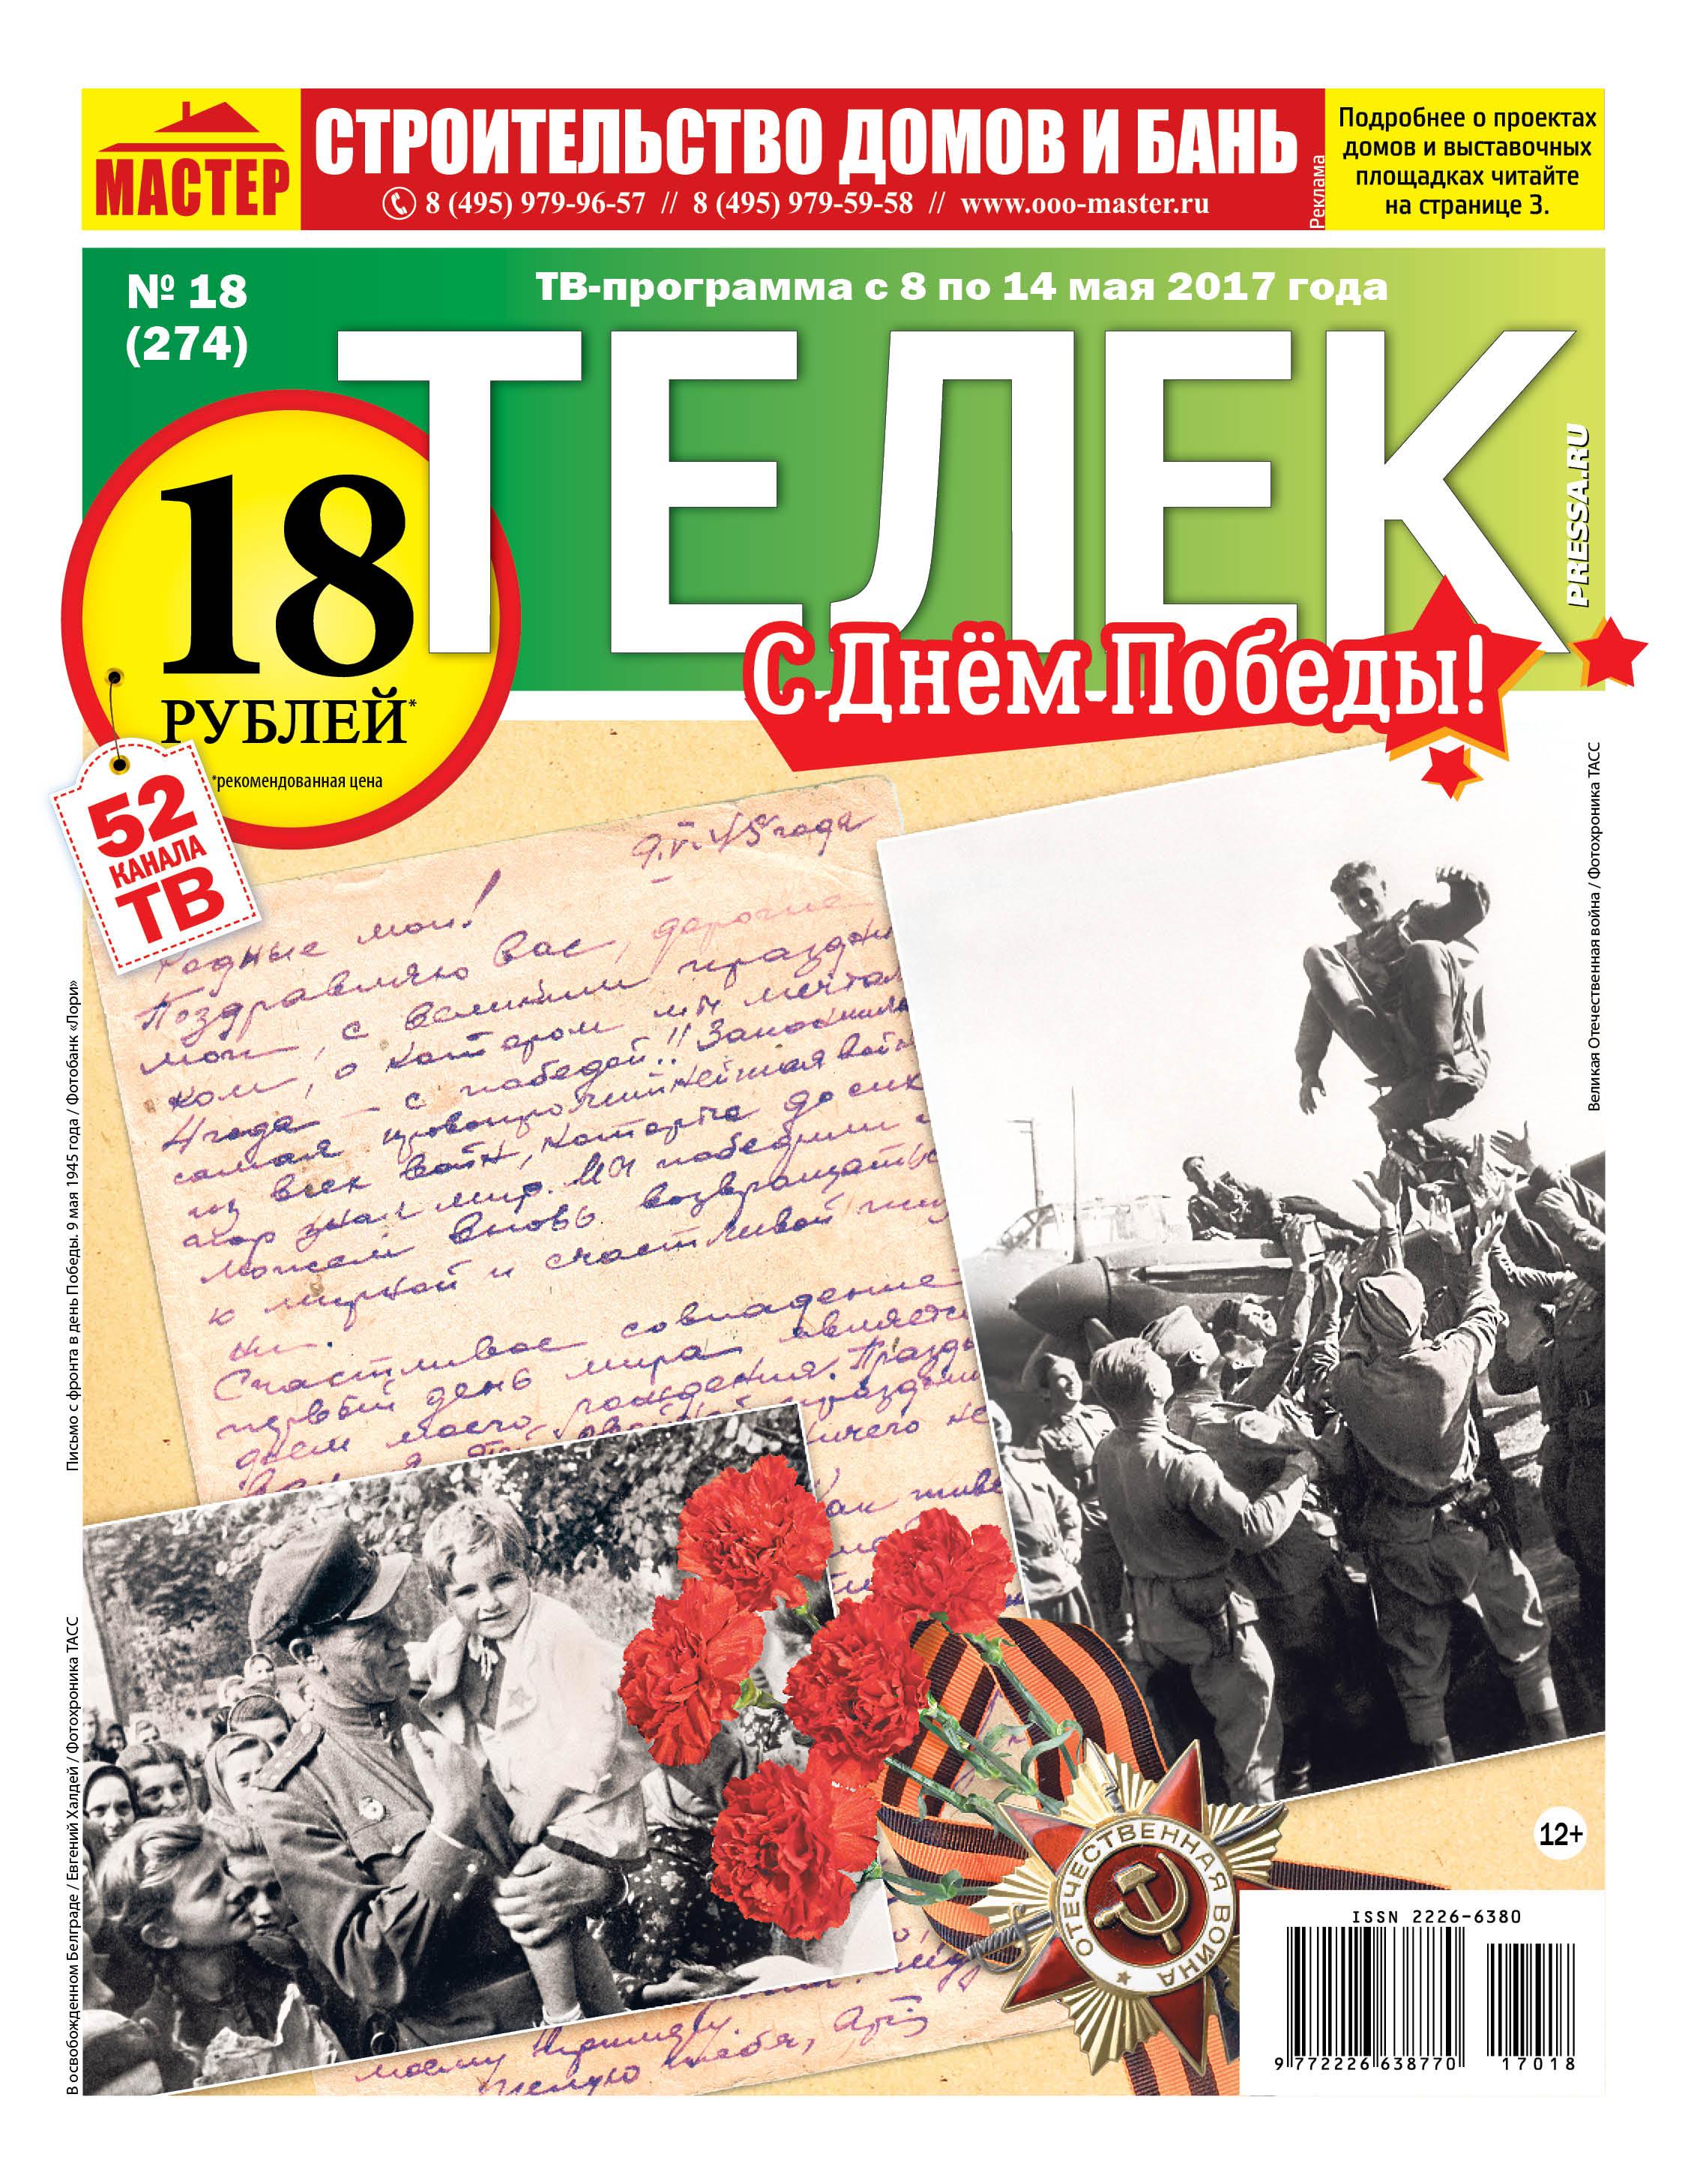 №18 (274) С Днем Победы!